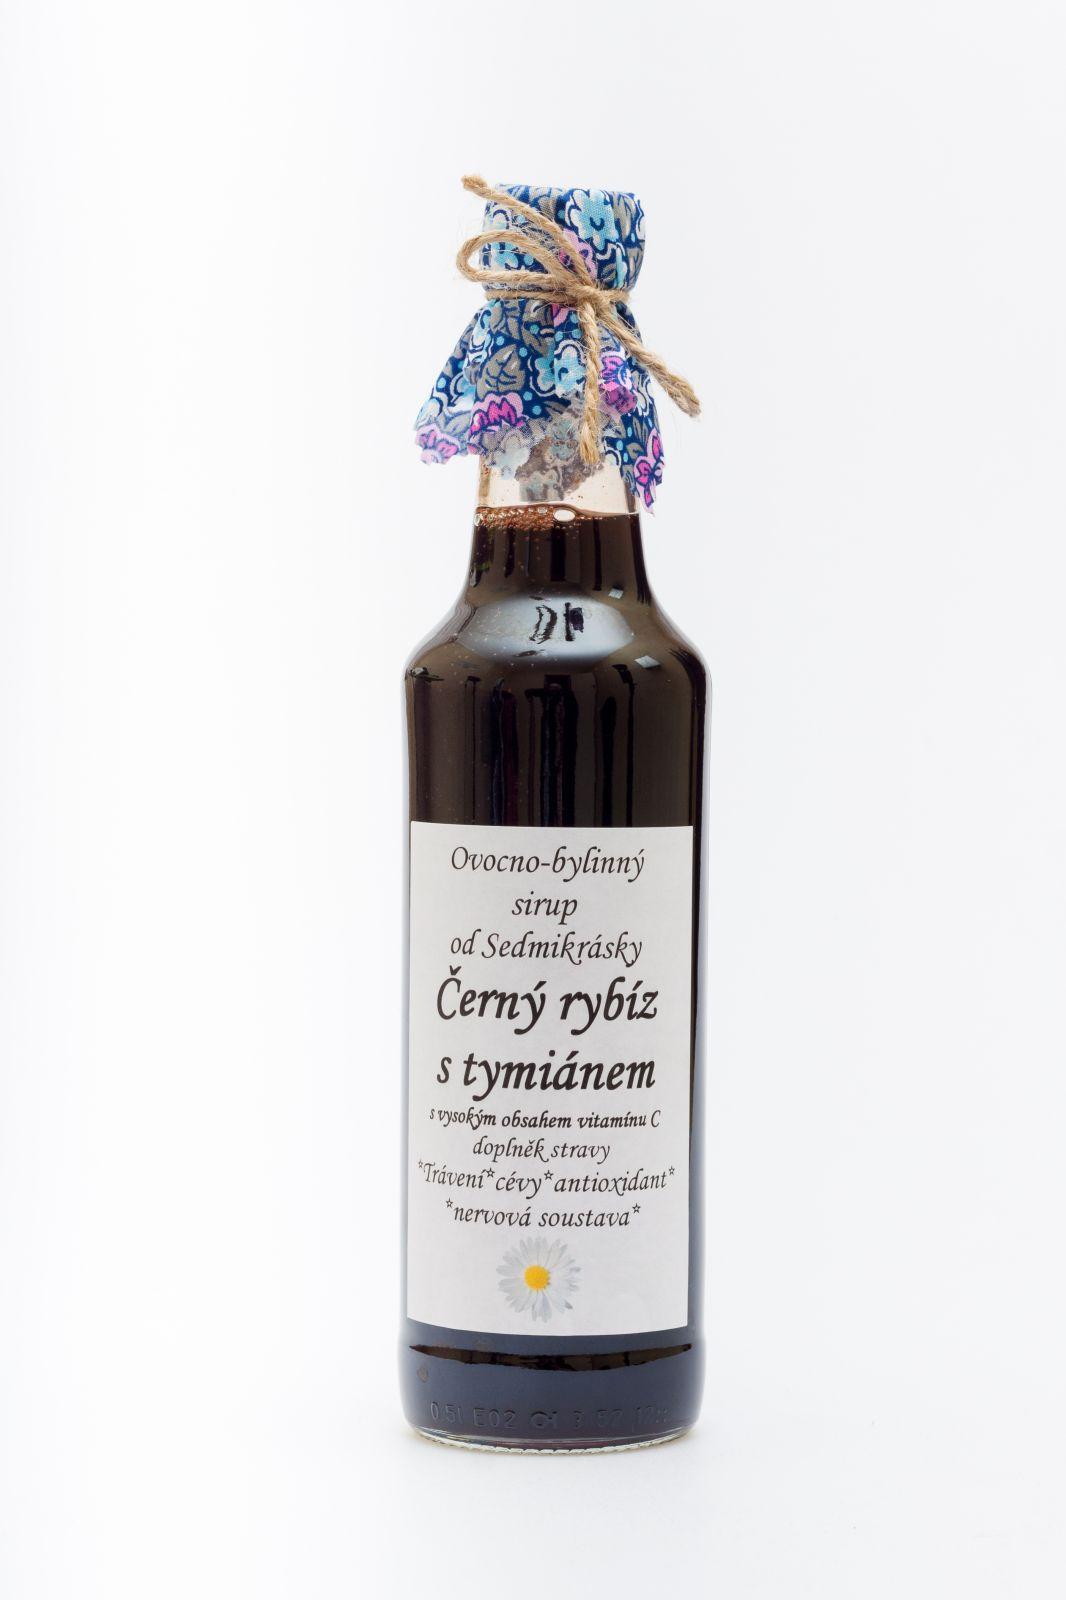 Sedmikráska ovocno-bylinný sirup Čierne rýbezle s tymiánom 500ml trávení, hubnutí, antioxidant, cévy, klouby, nervová soustava, doplněk stravy Rodinná farma Sedmikráska